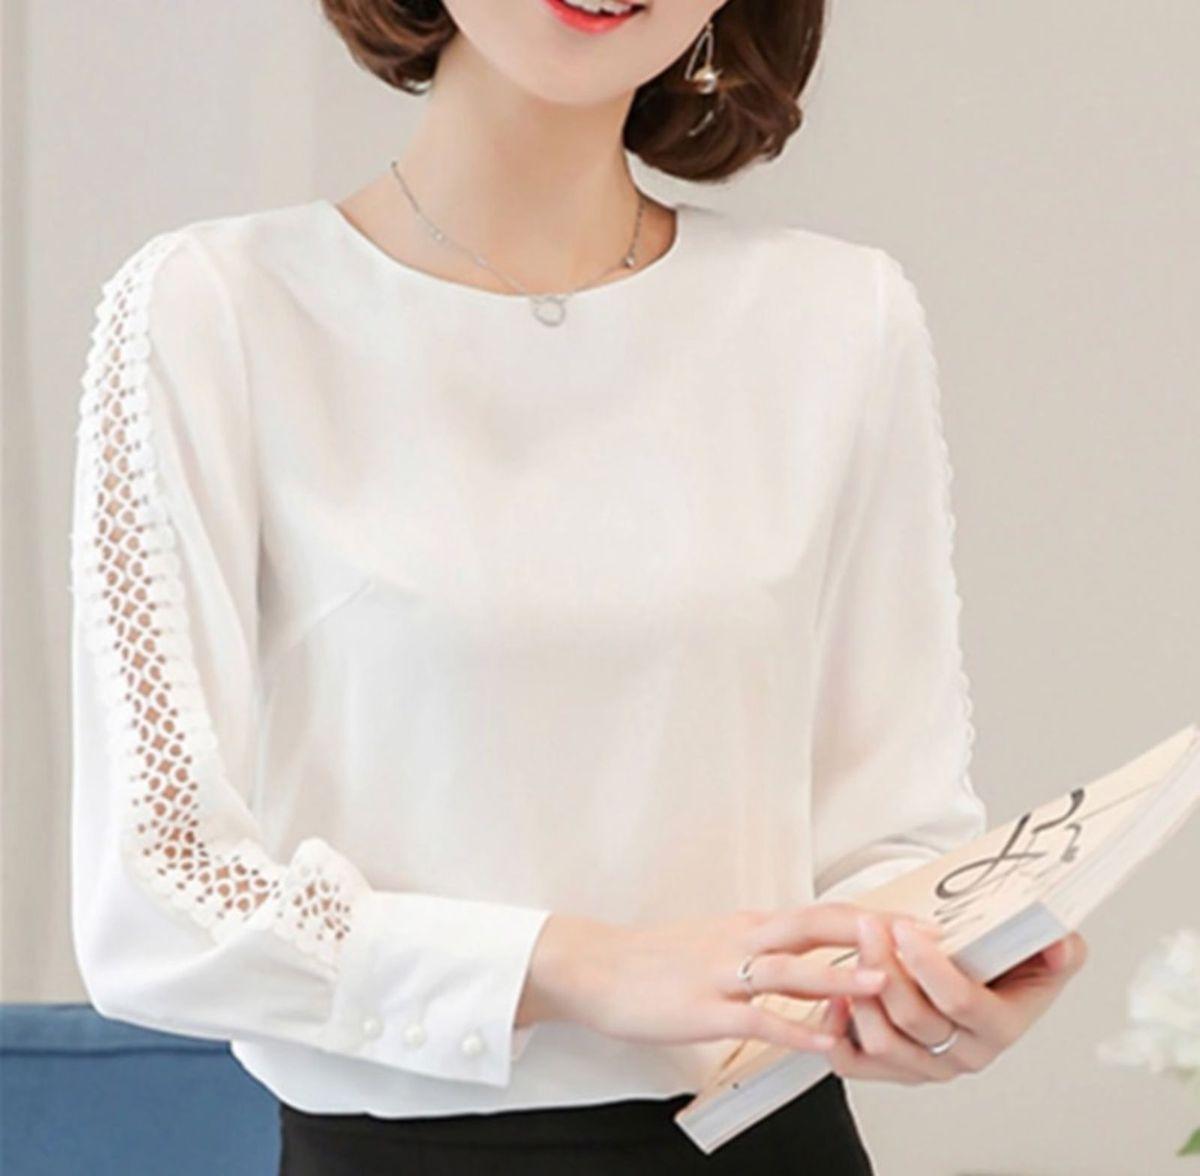 01cb3c34f camisa blusa manga longa executiva com botões branca off white linda chique  - blusas importada